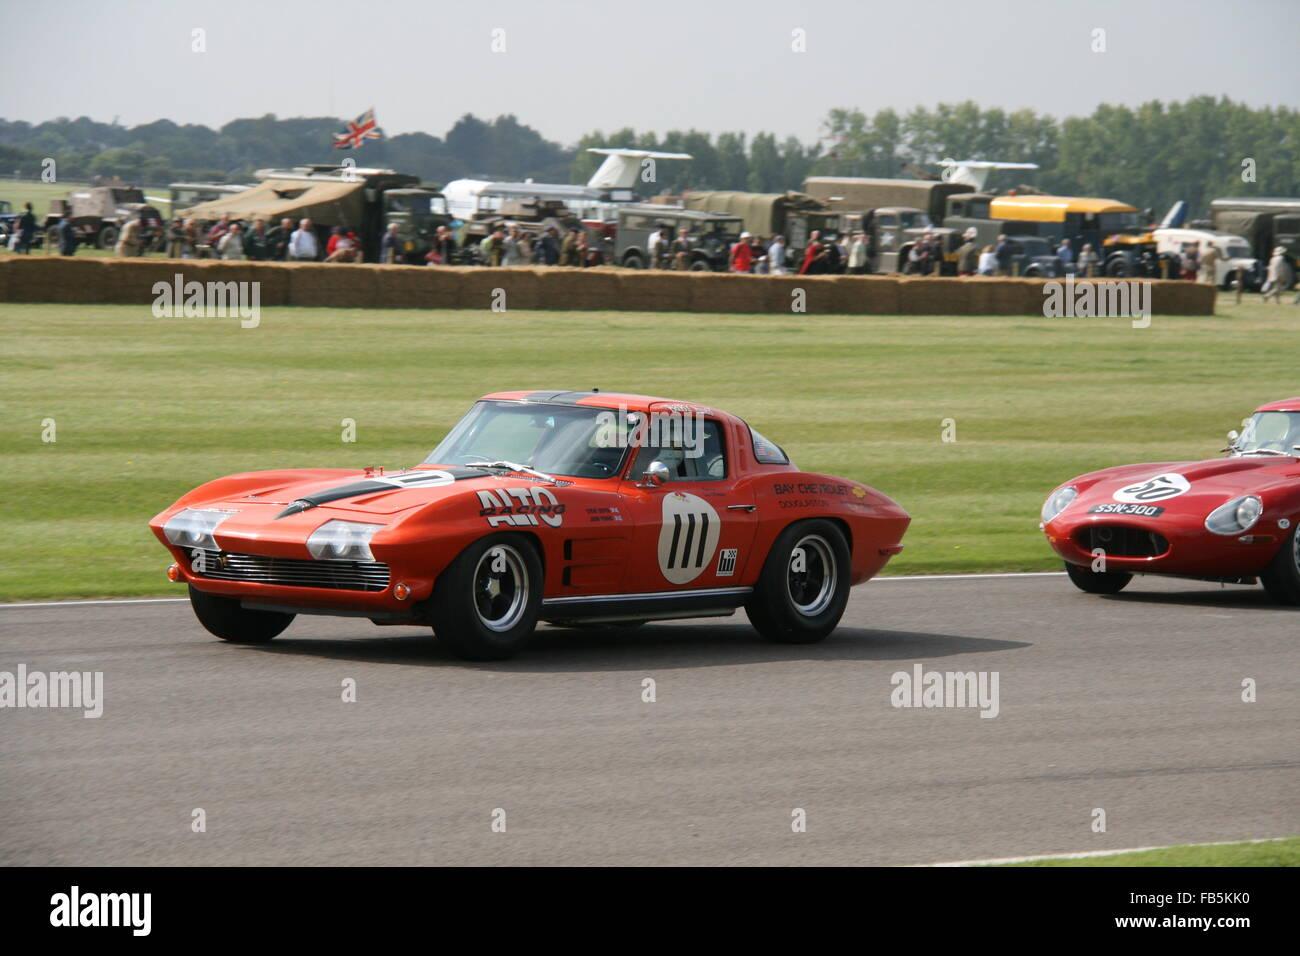 Dos coches de carreras clásico rojo EN GOODWOOD REVIVAL EN UK Foto de stock